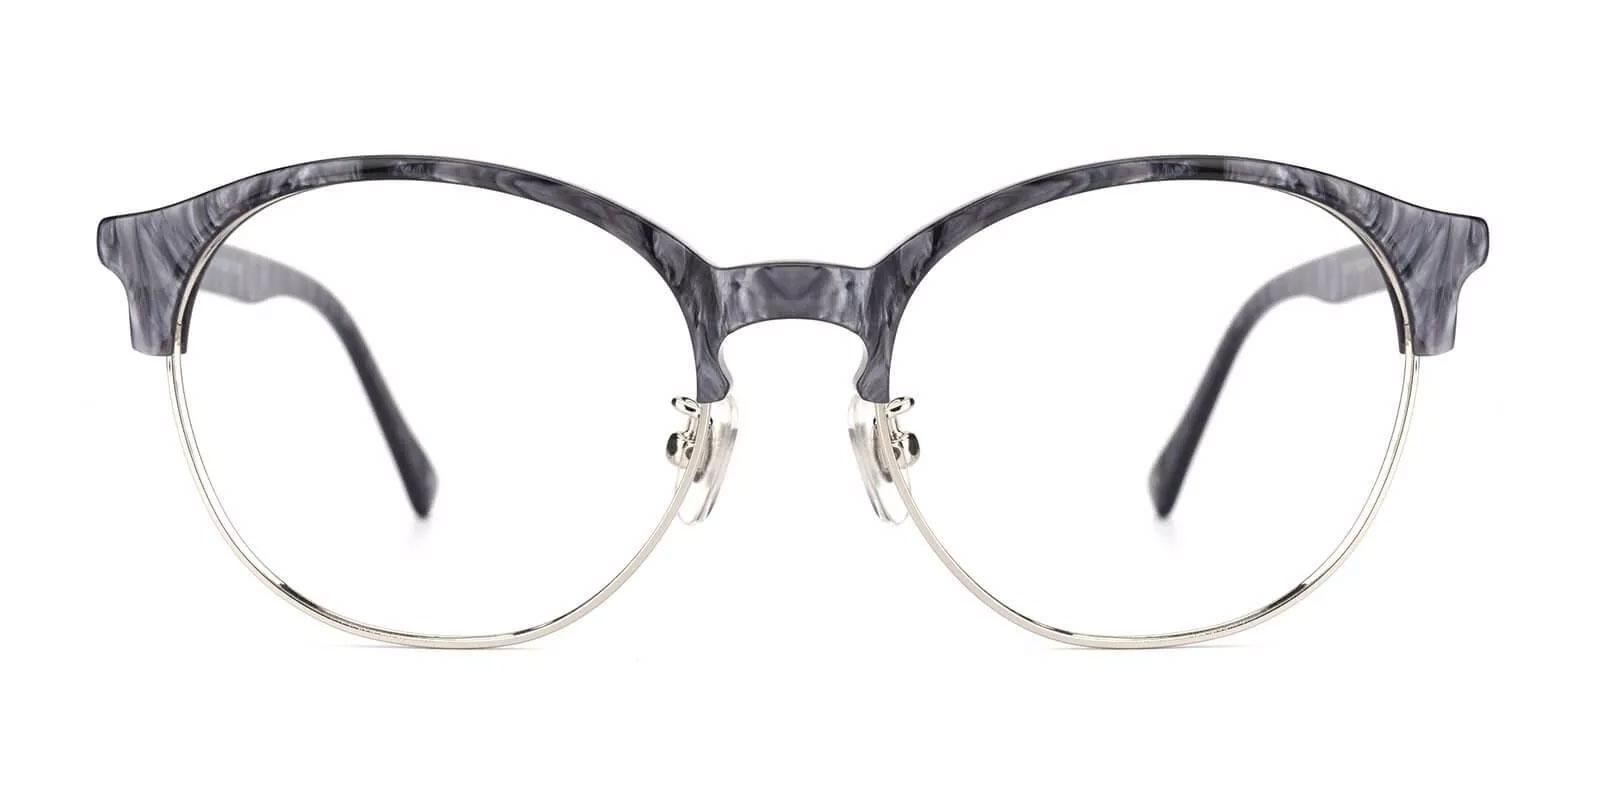 Pelsor Gray Combination Eyeglasses , NosePads Frames from ABBE Glasses